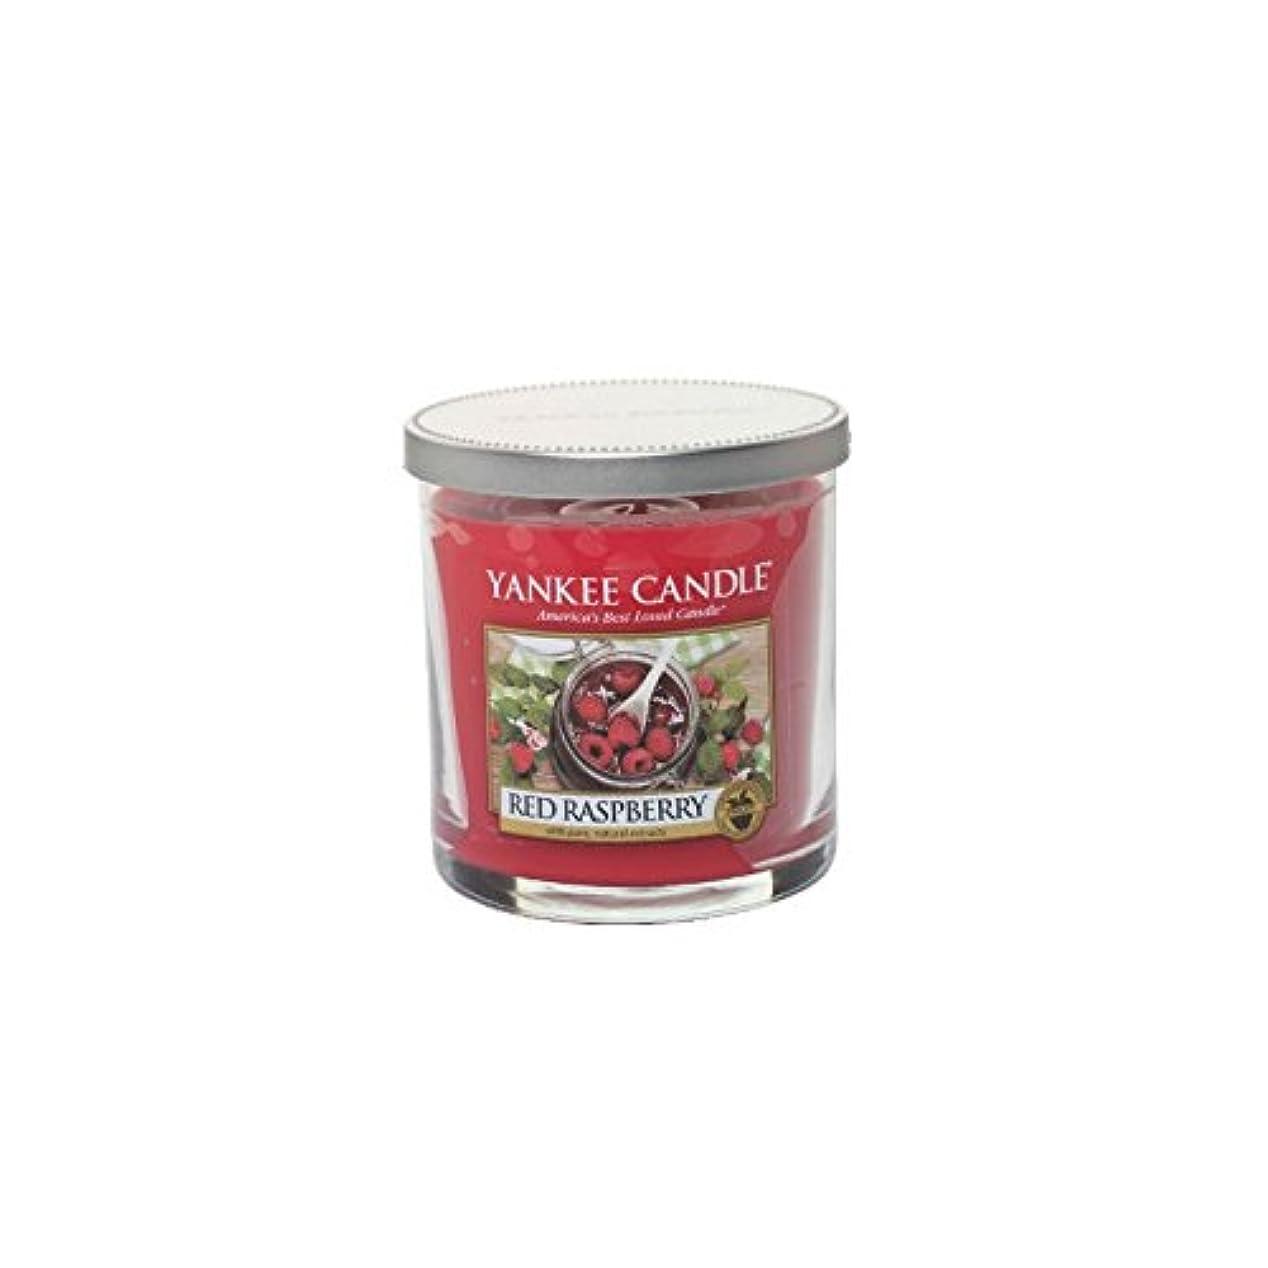 ダム演じる書店Yankee Candles Small Pillar Candle - Red Raspberry (Pack of 2) - ヤンキーキャンドルの小さな柱キャンドル - レッドラズベリー (x2) [並行輸入品]